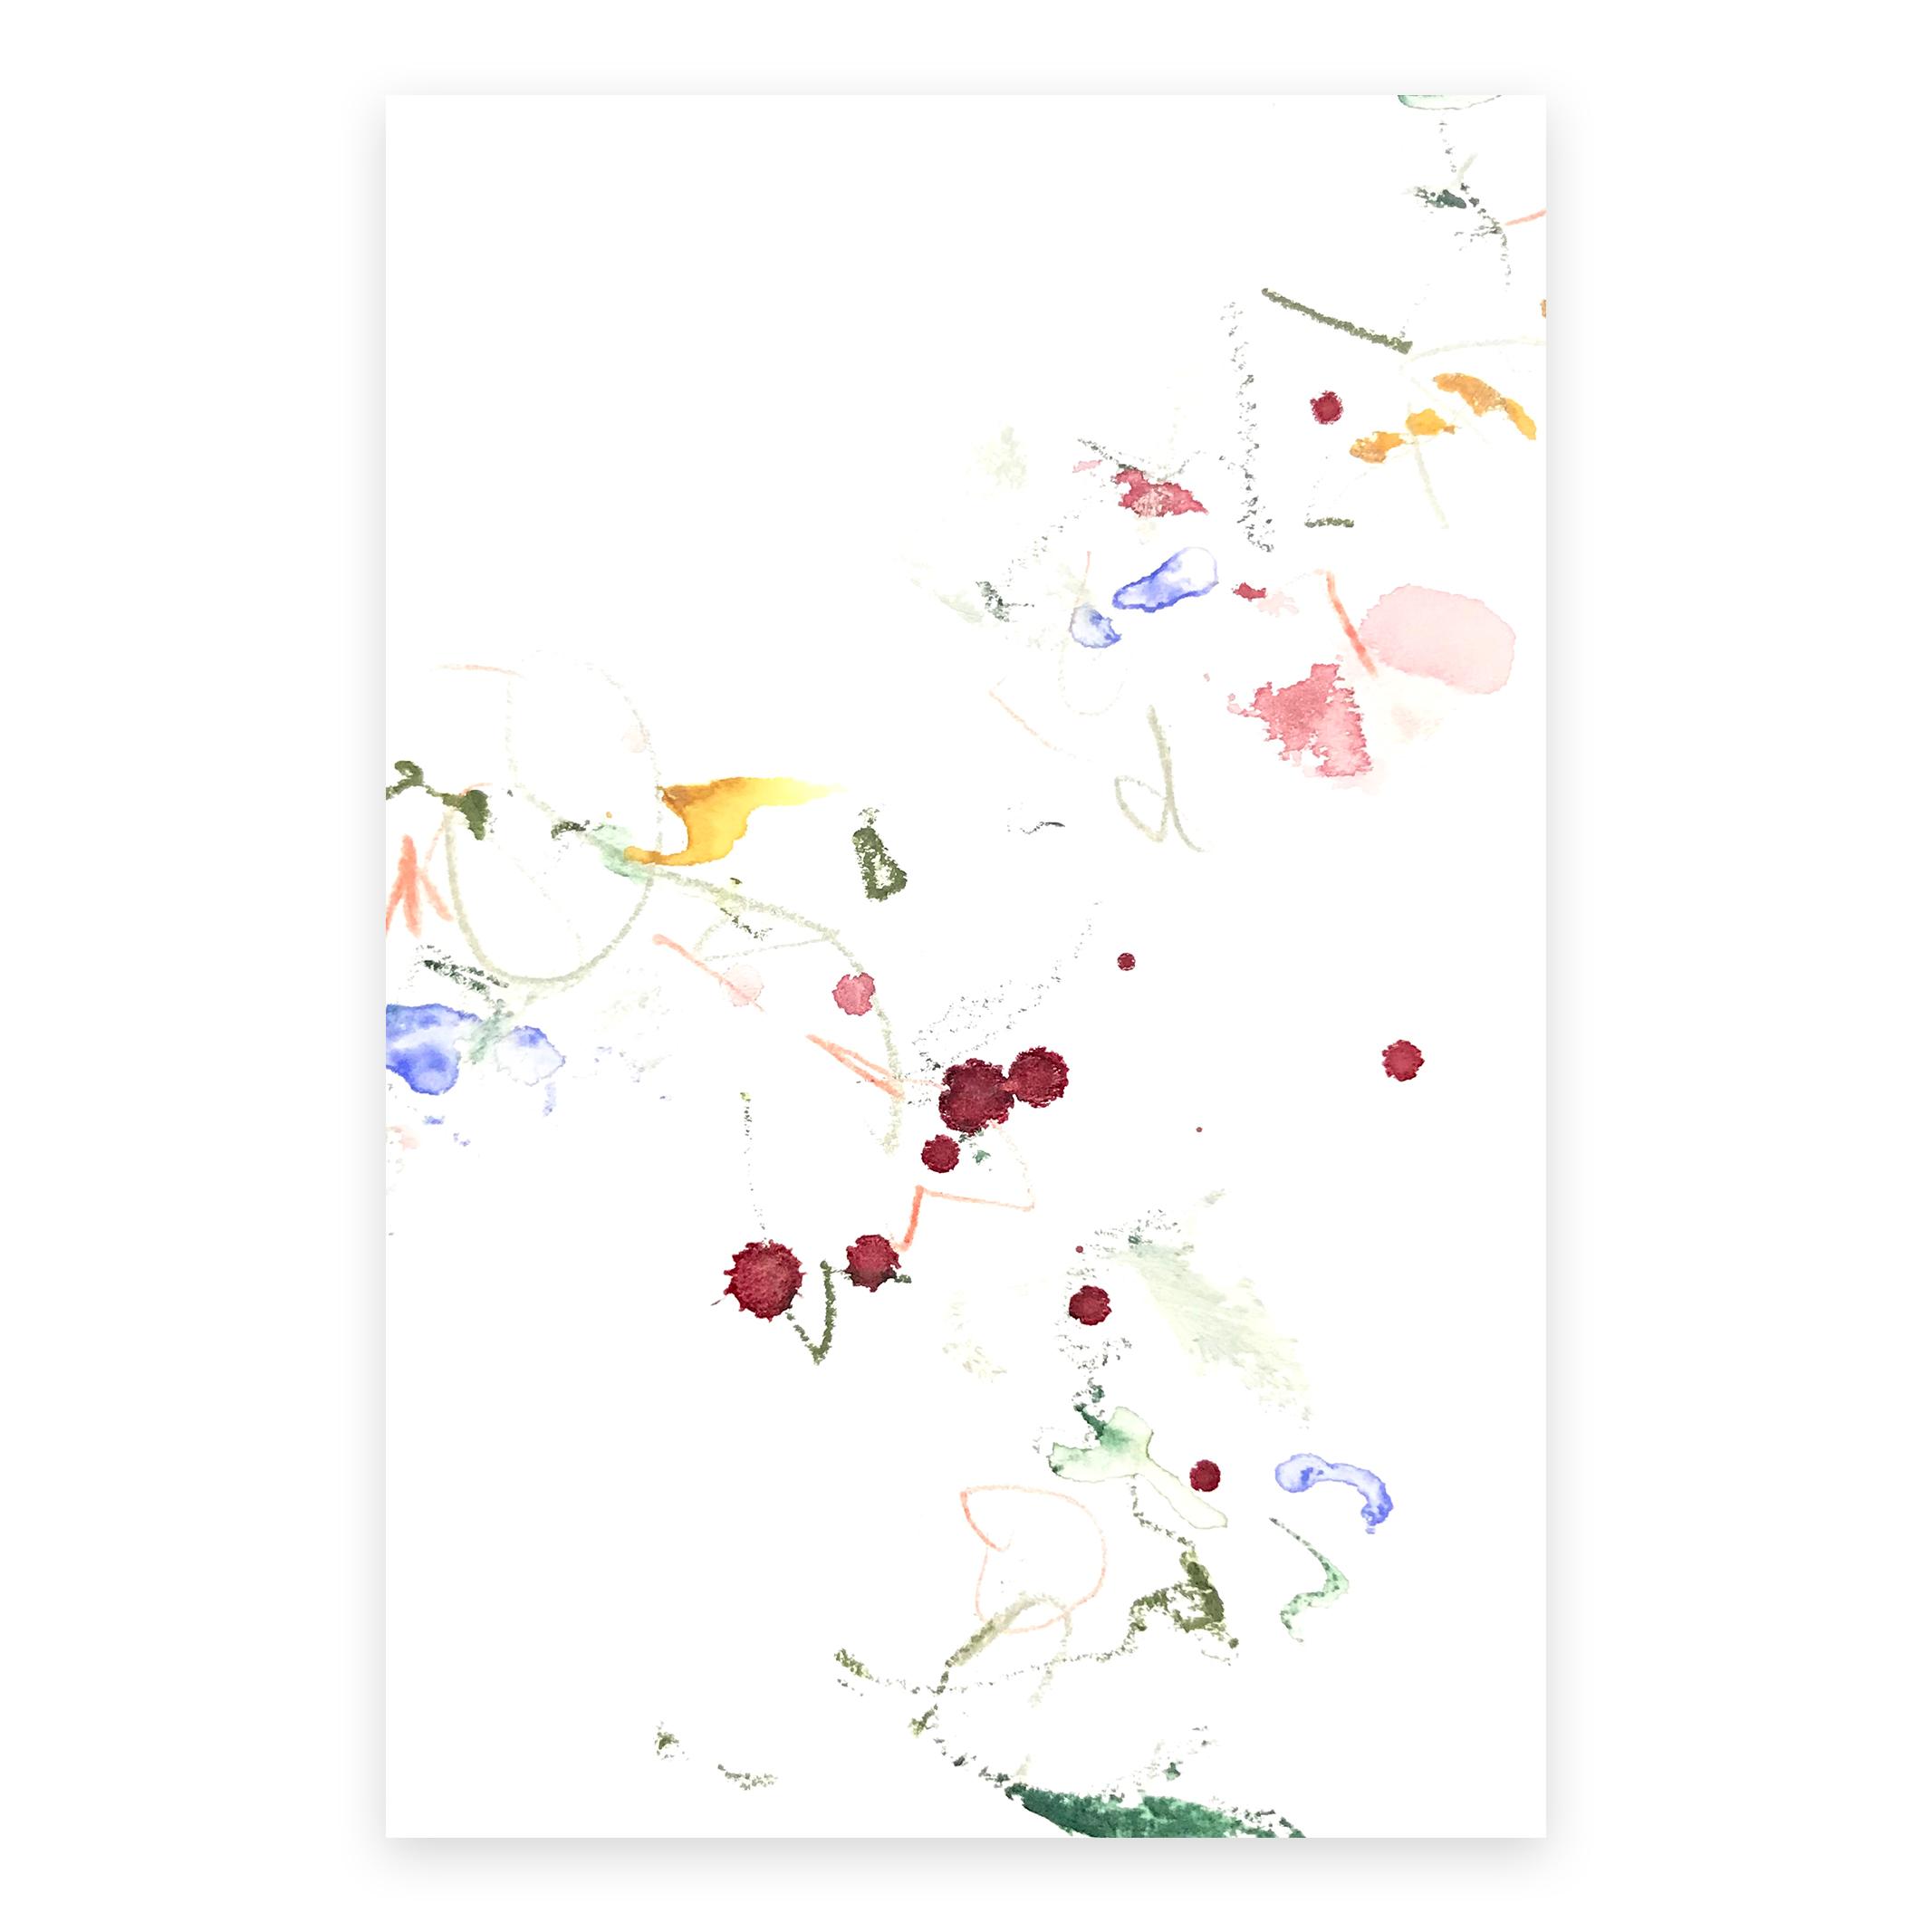 dd_nov09182  Mixed media on paper 14.8×10cm